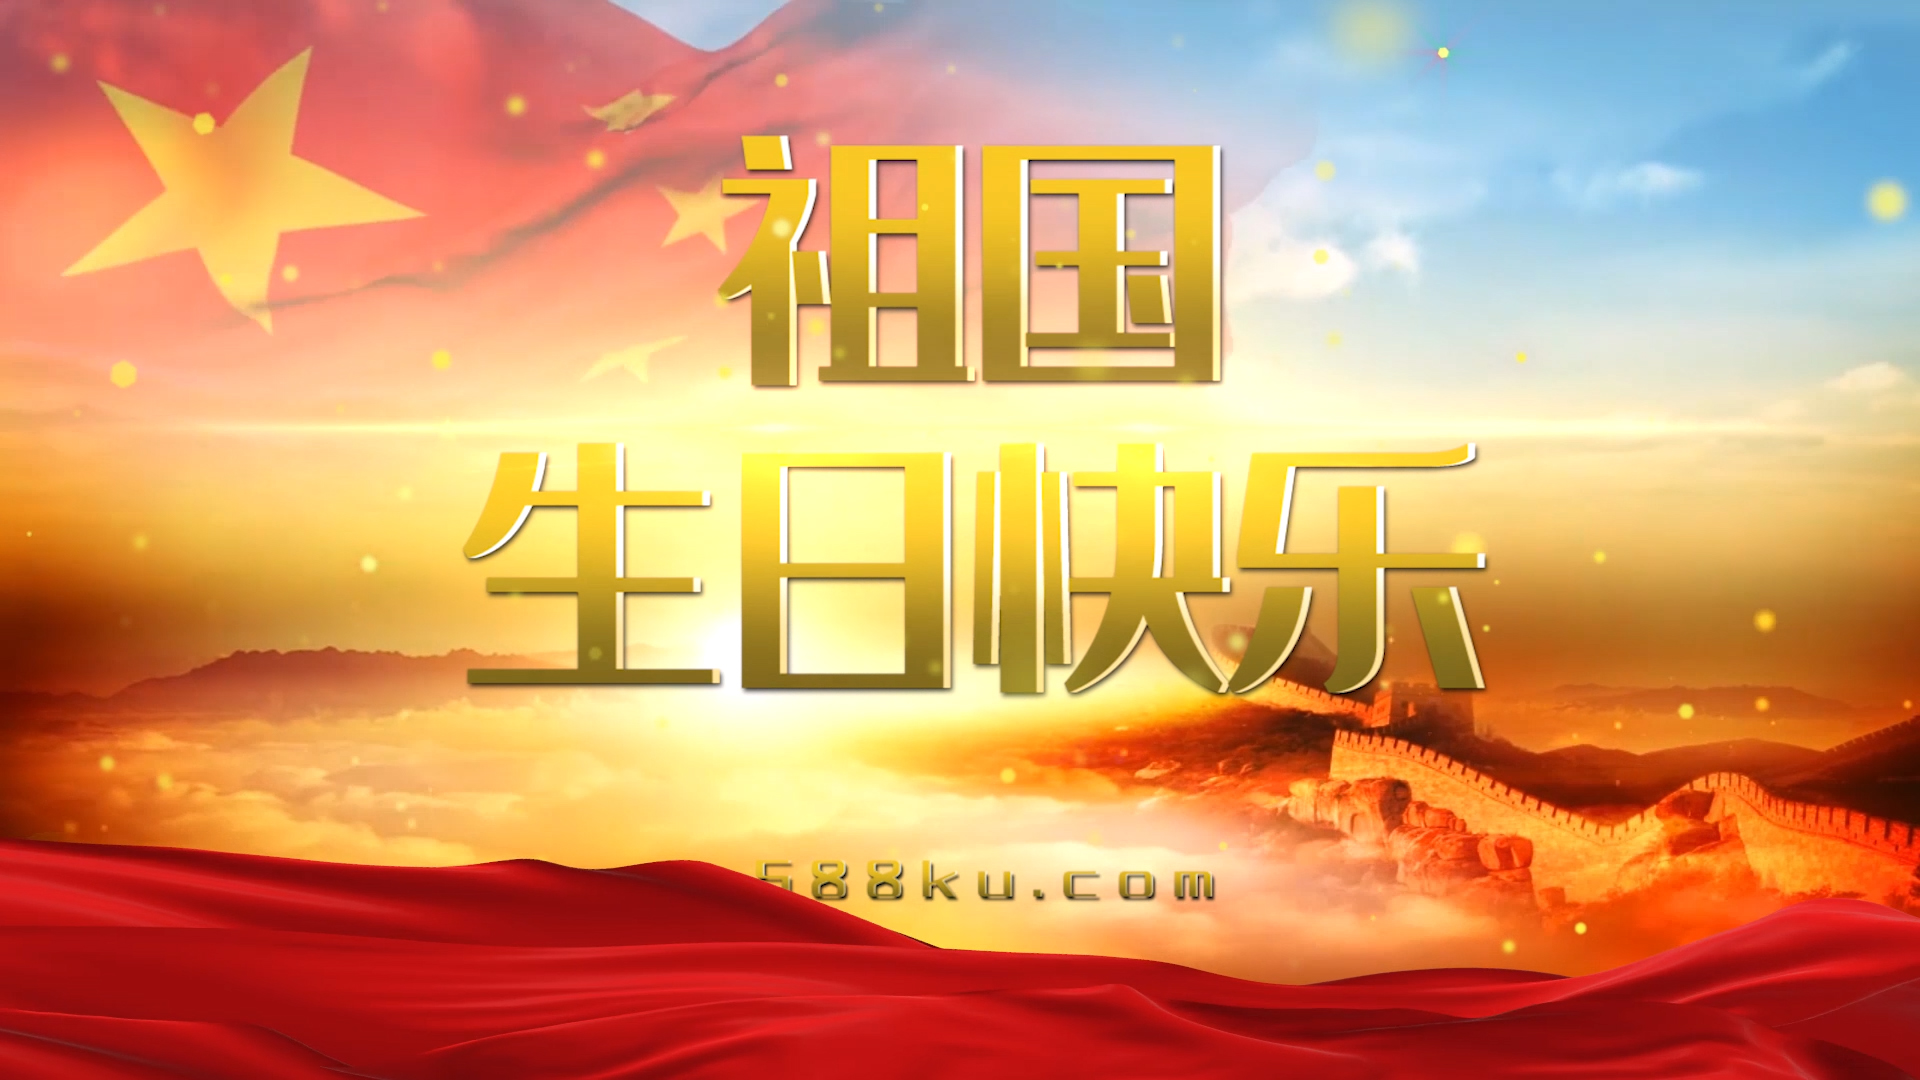 大氣國慶節圖文展示PR模板